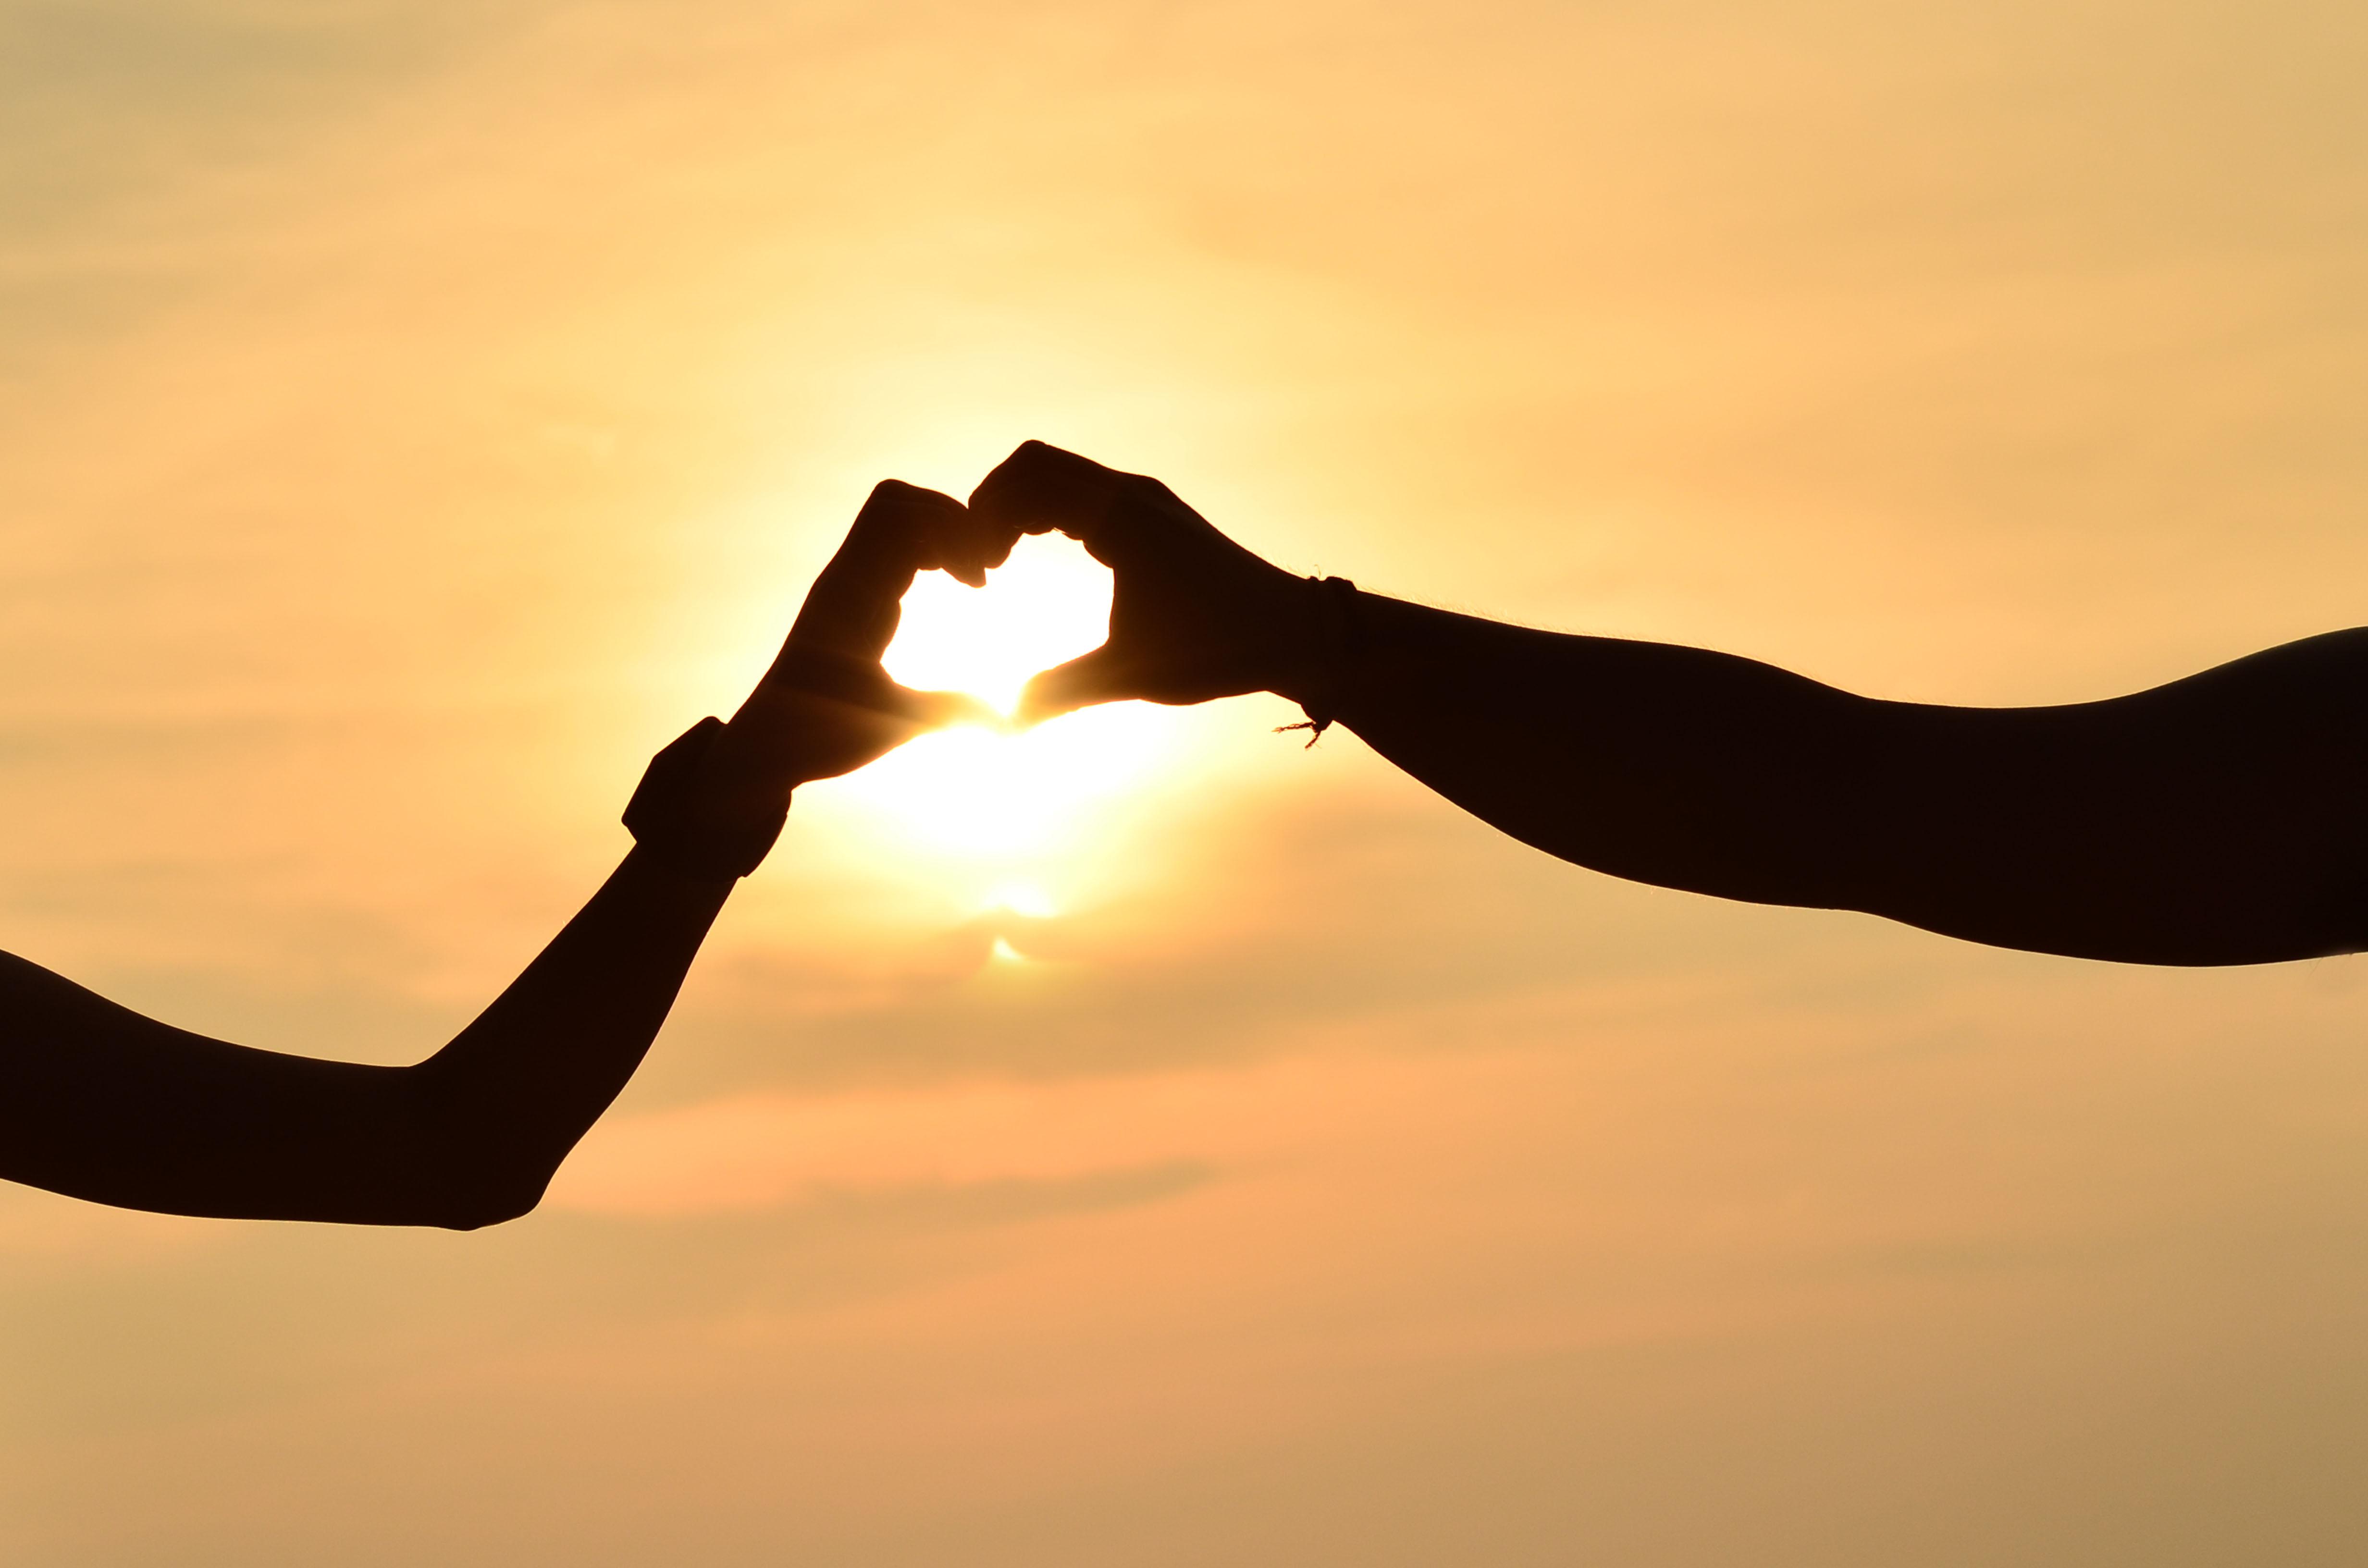 Două mâini care țin soarele